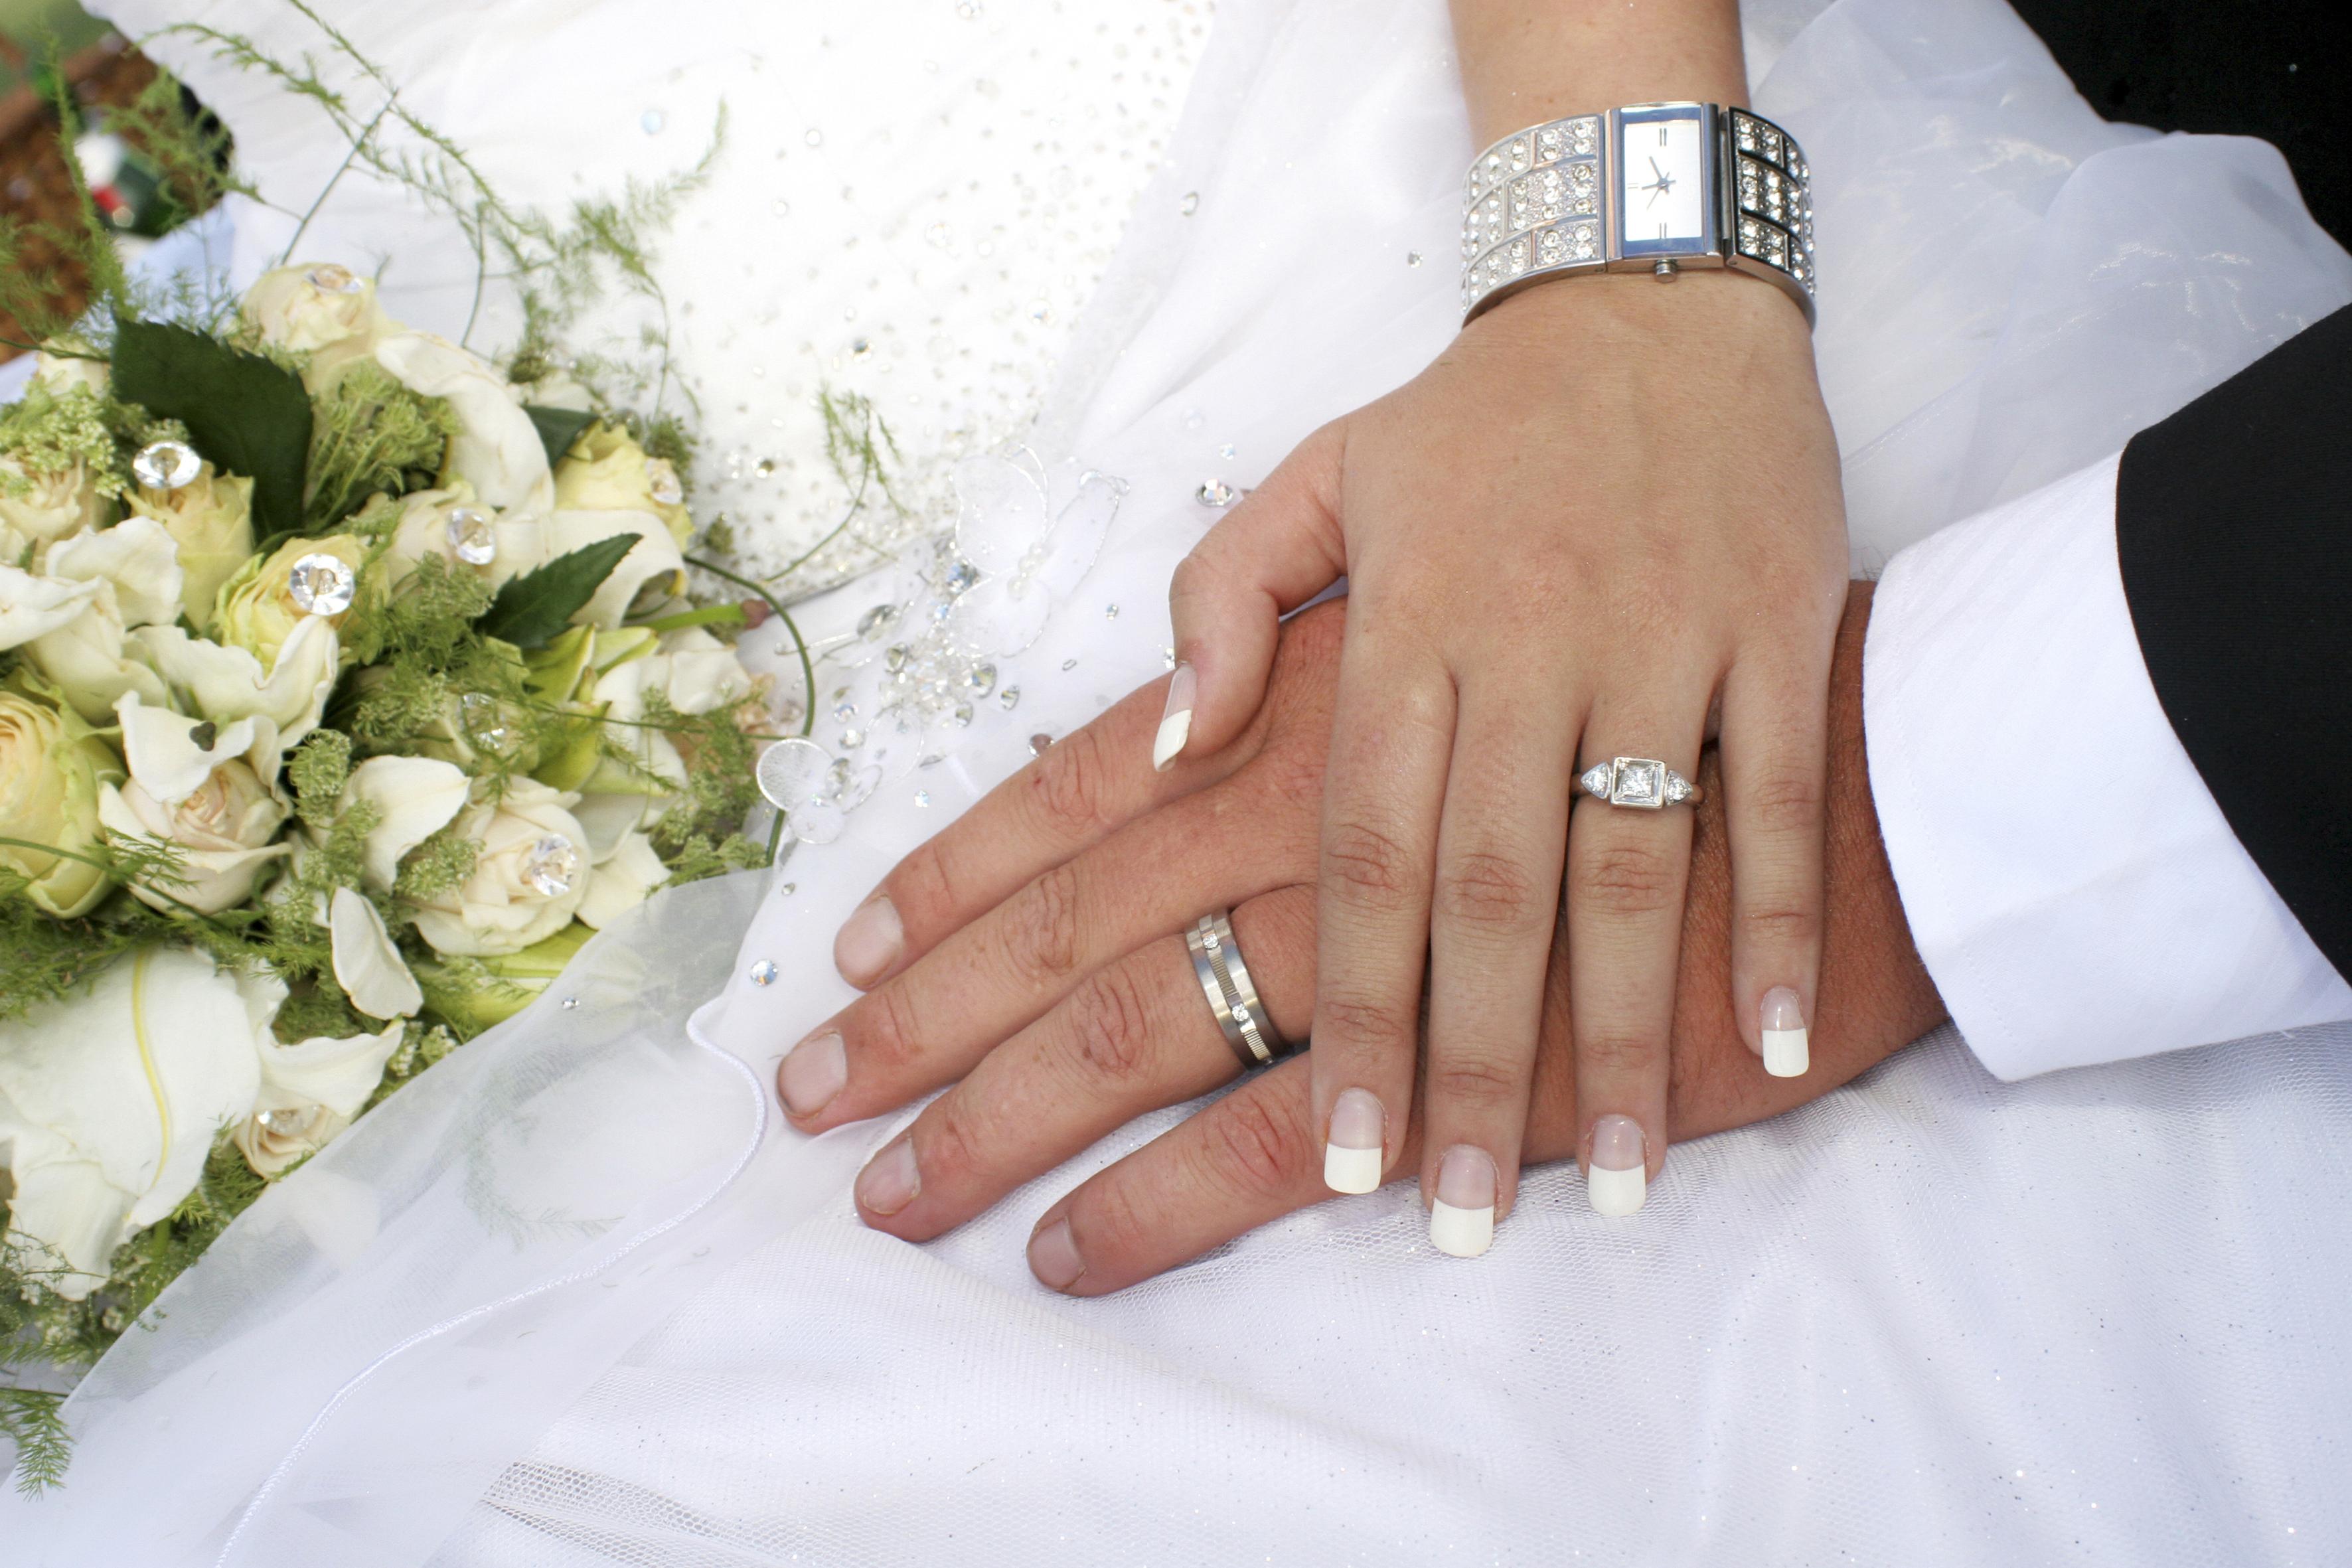 سایه سنگین «همباشی سیاه» یا «ازدواج سفید» برای جوانان